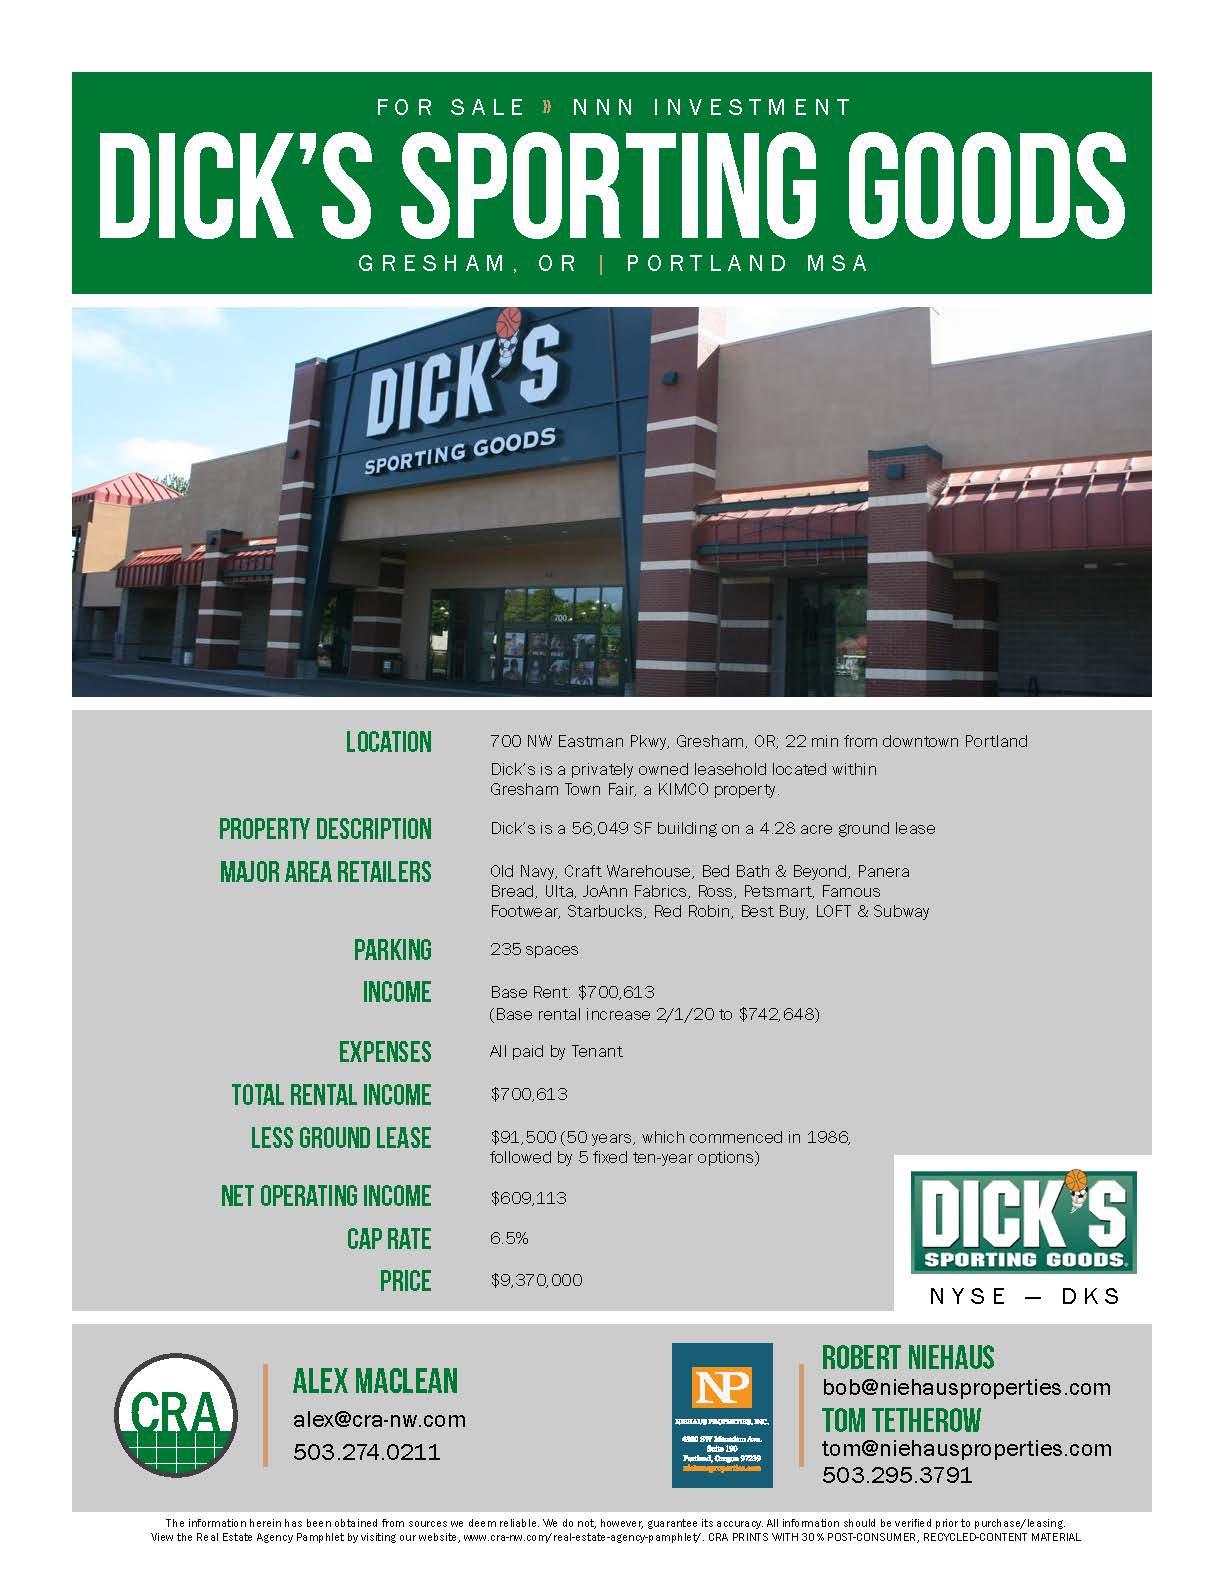 Dick's SPorting Goods; a 56,049 SF building | Gresham Oregon 97031